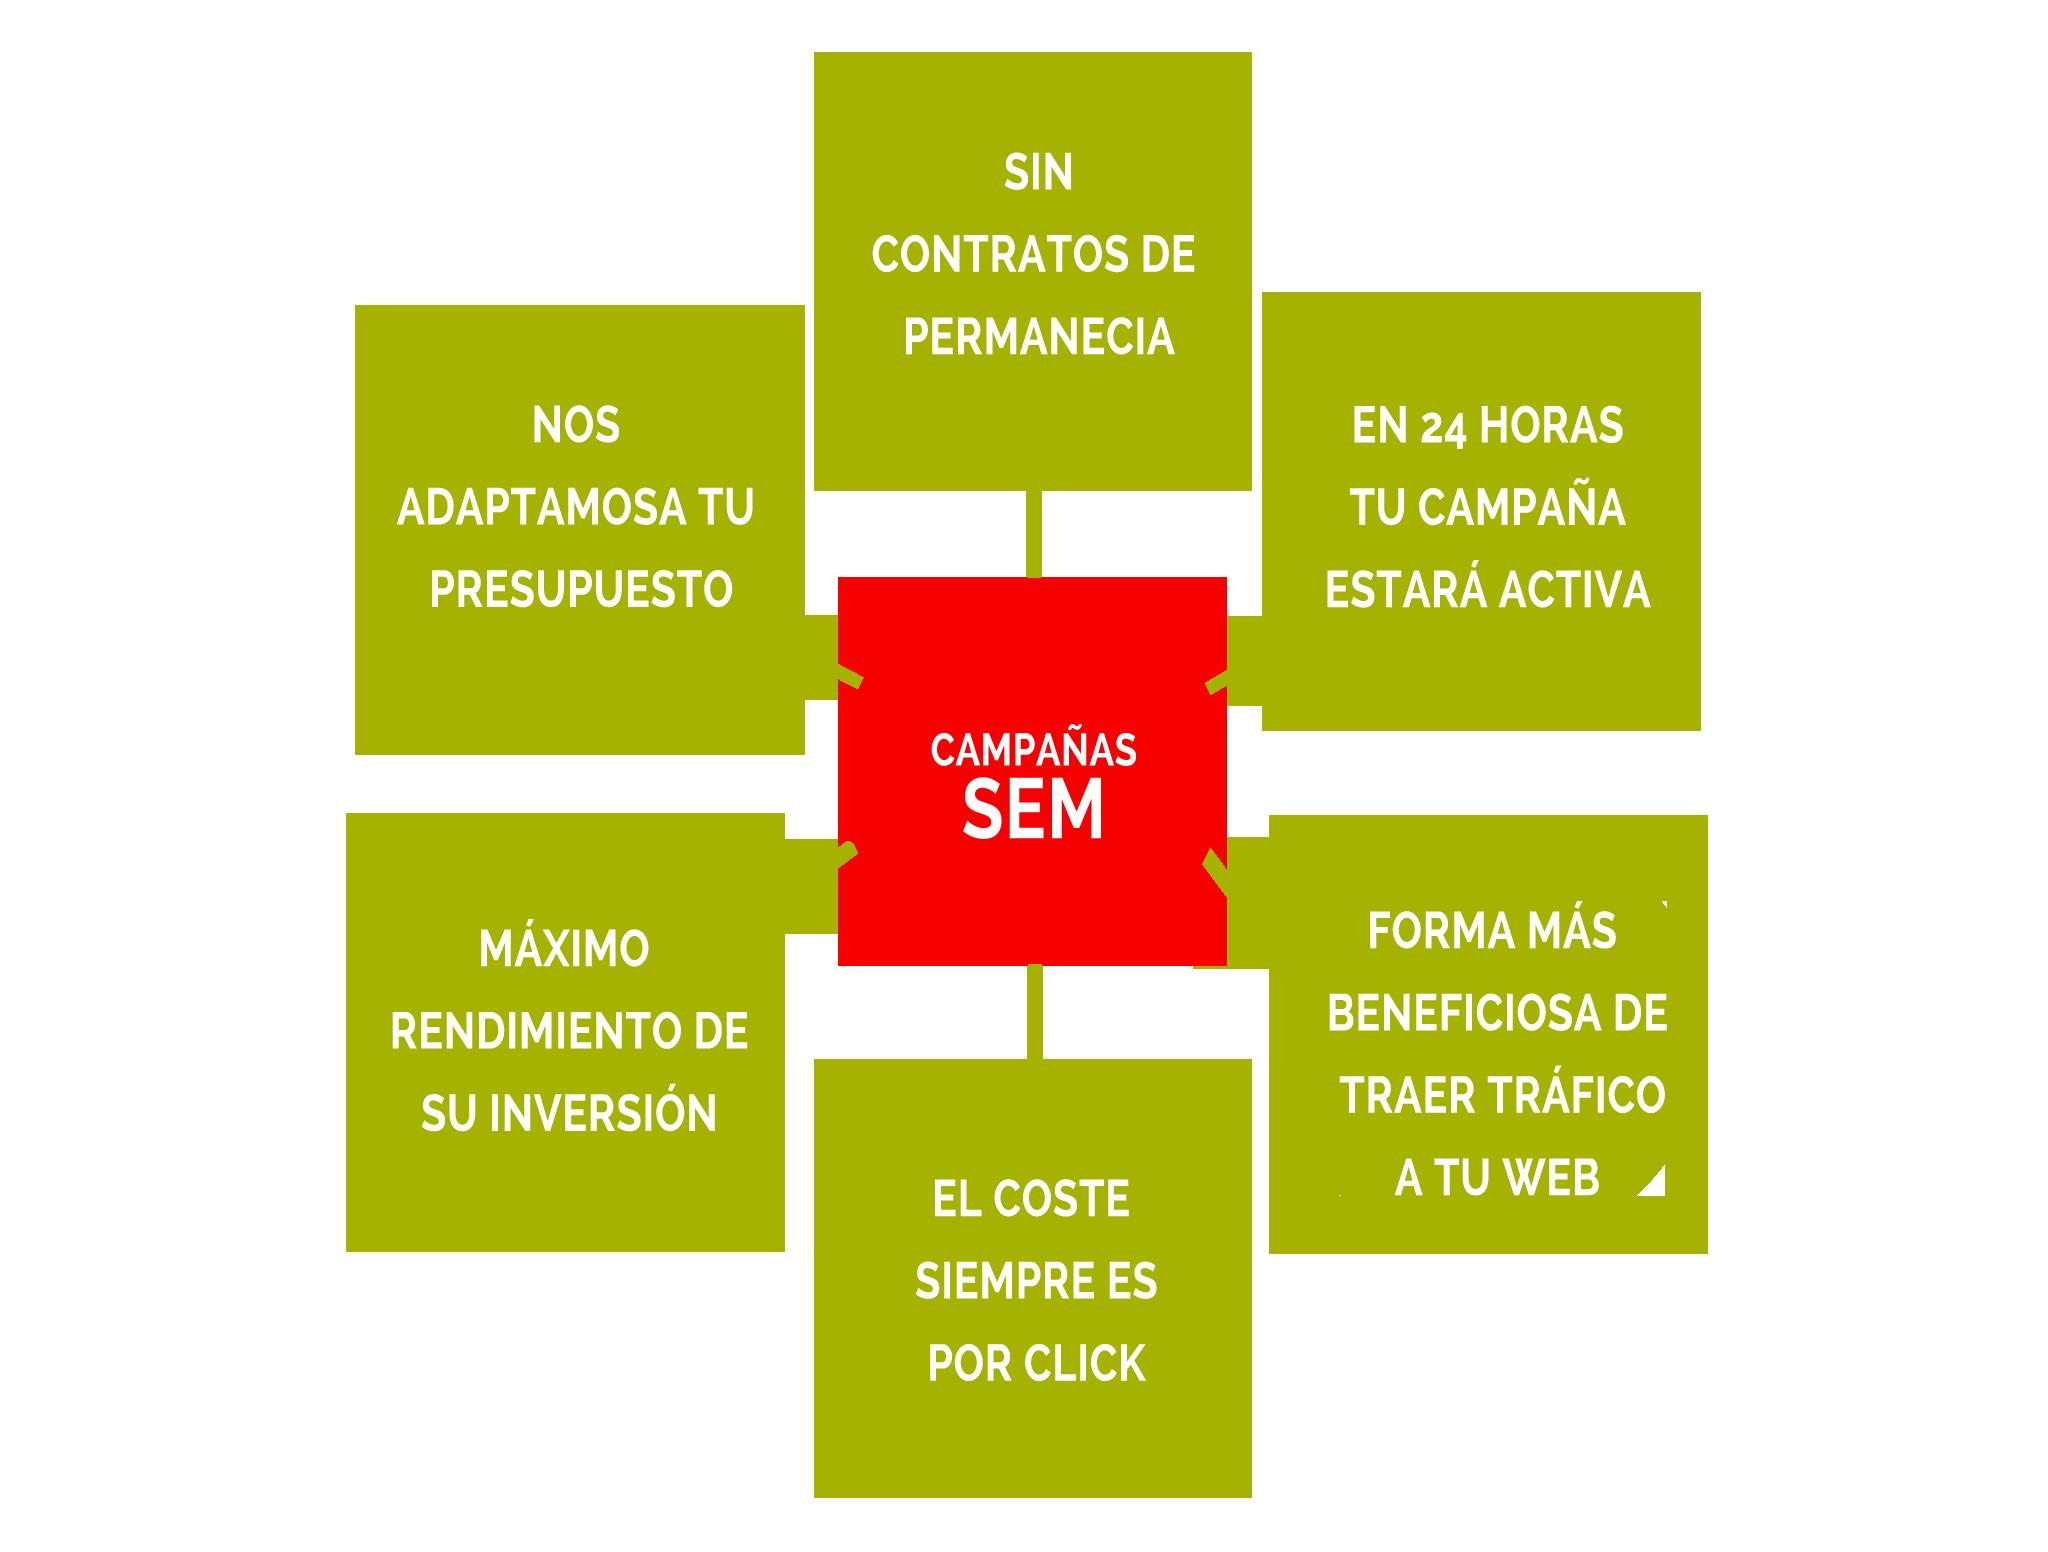 Servicios de Campañas sem en Alcorcón . Ofrecemos packs de campañas sem , consultoría gratuita.